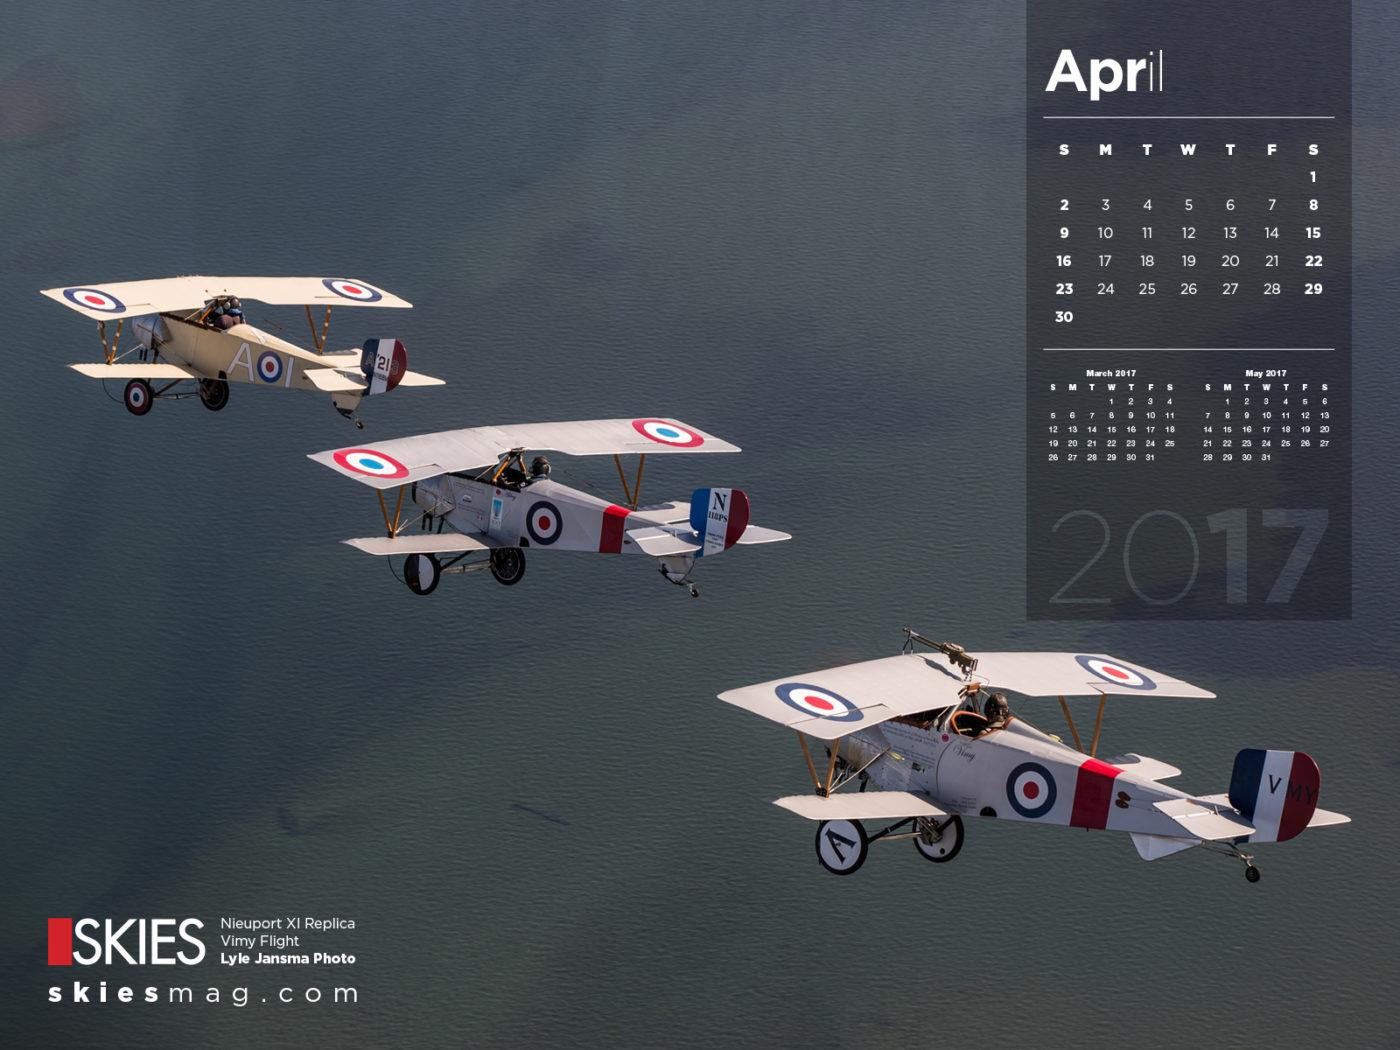 Skies Calendar